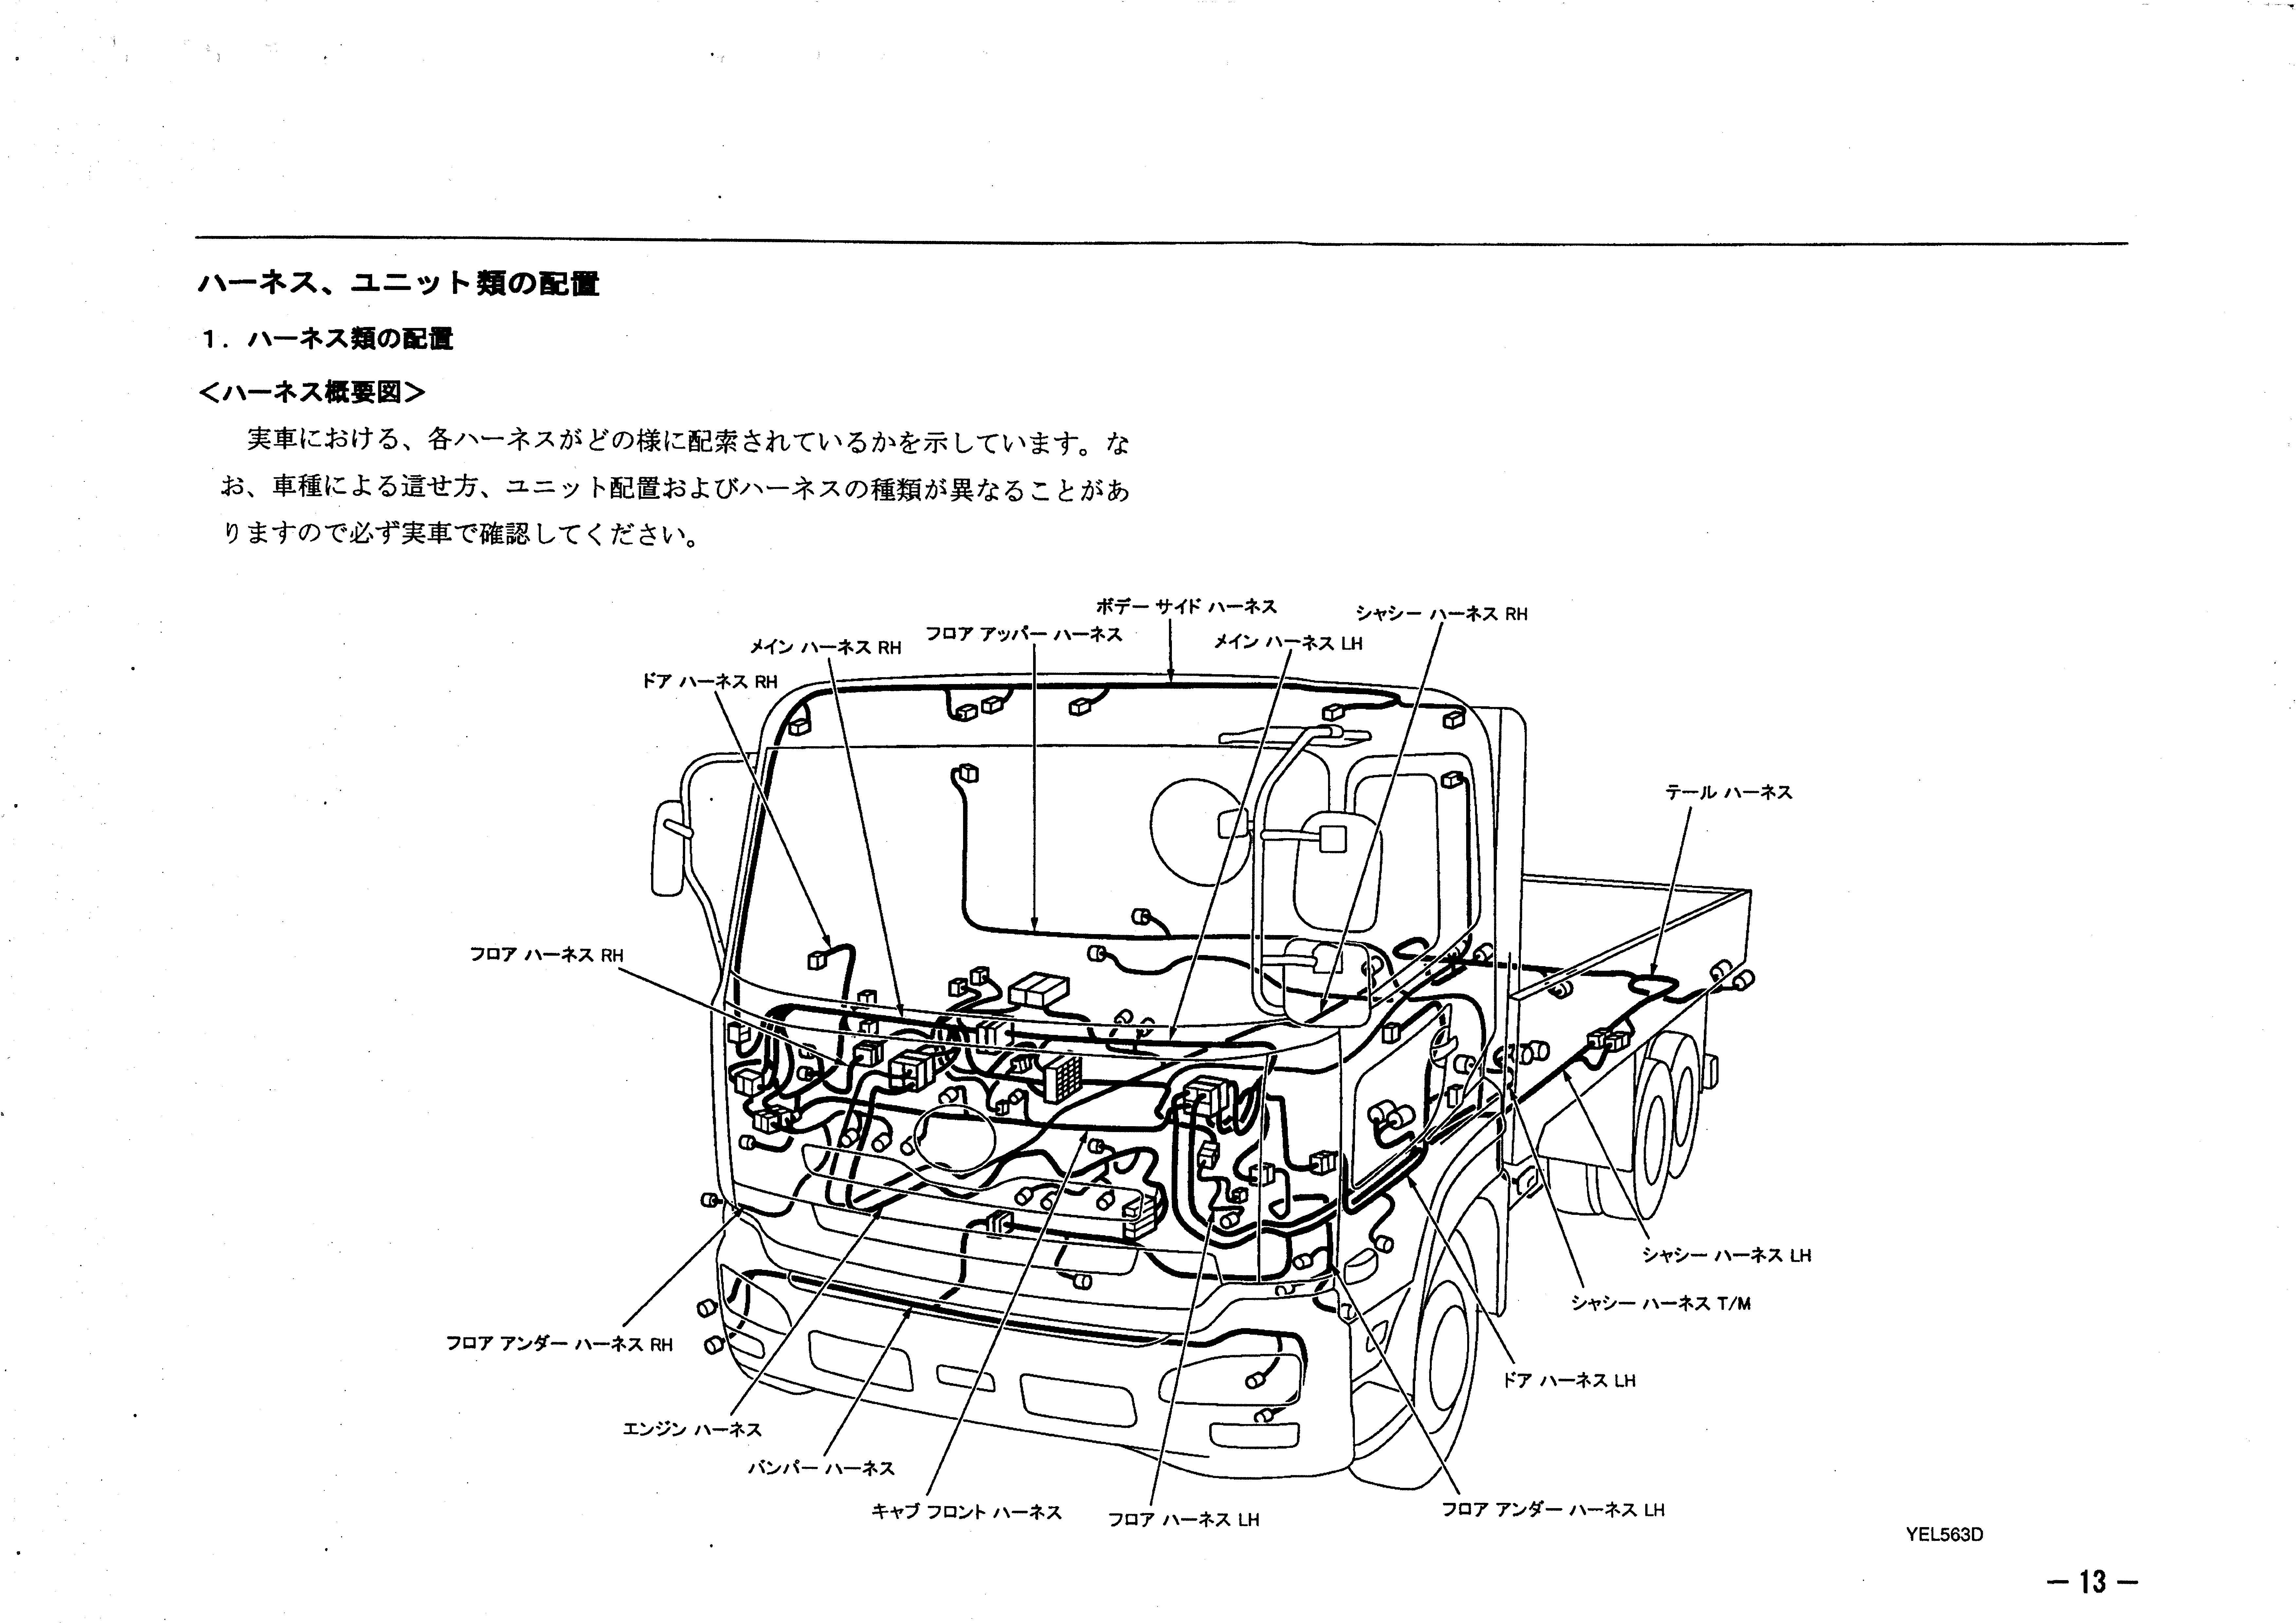 หนังสือ วงจรไฟฟ้า รถบรรทุก NISSAN UD GE13 :CF, CZ MD92 ทั้งคัน